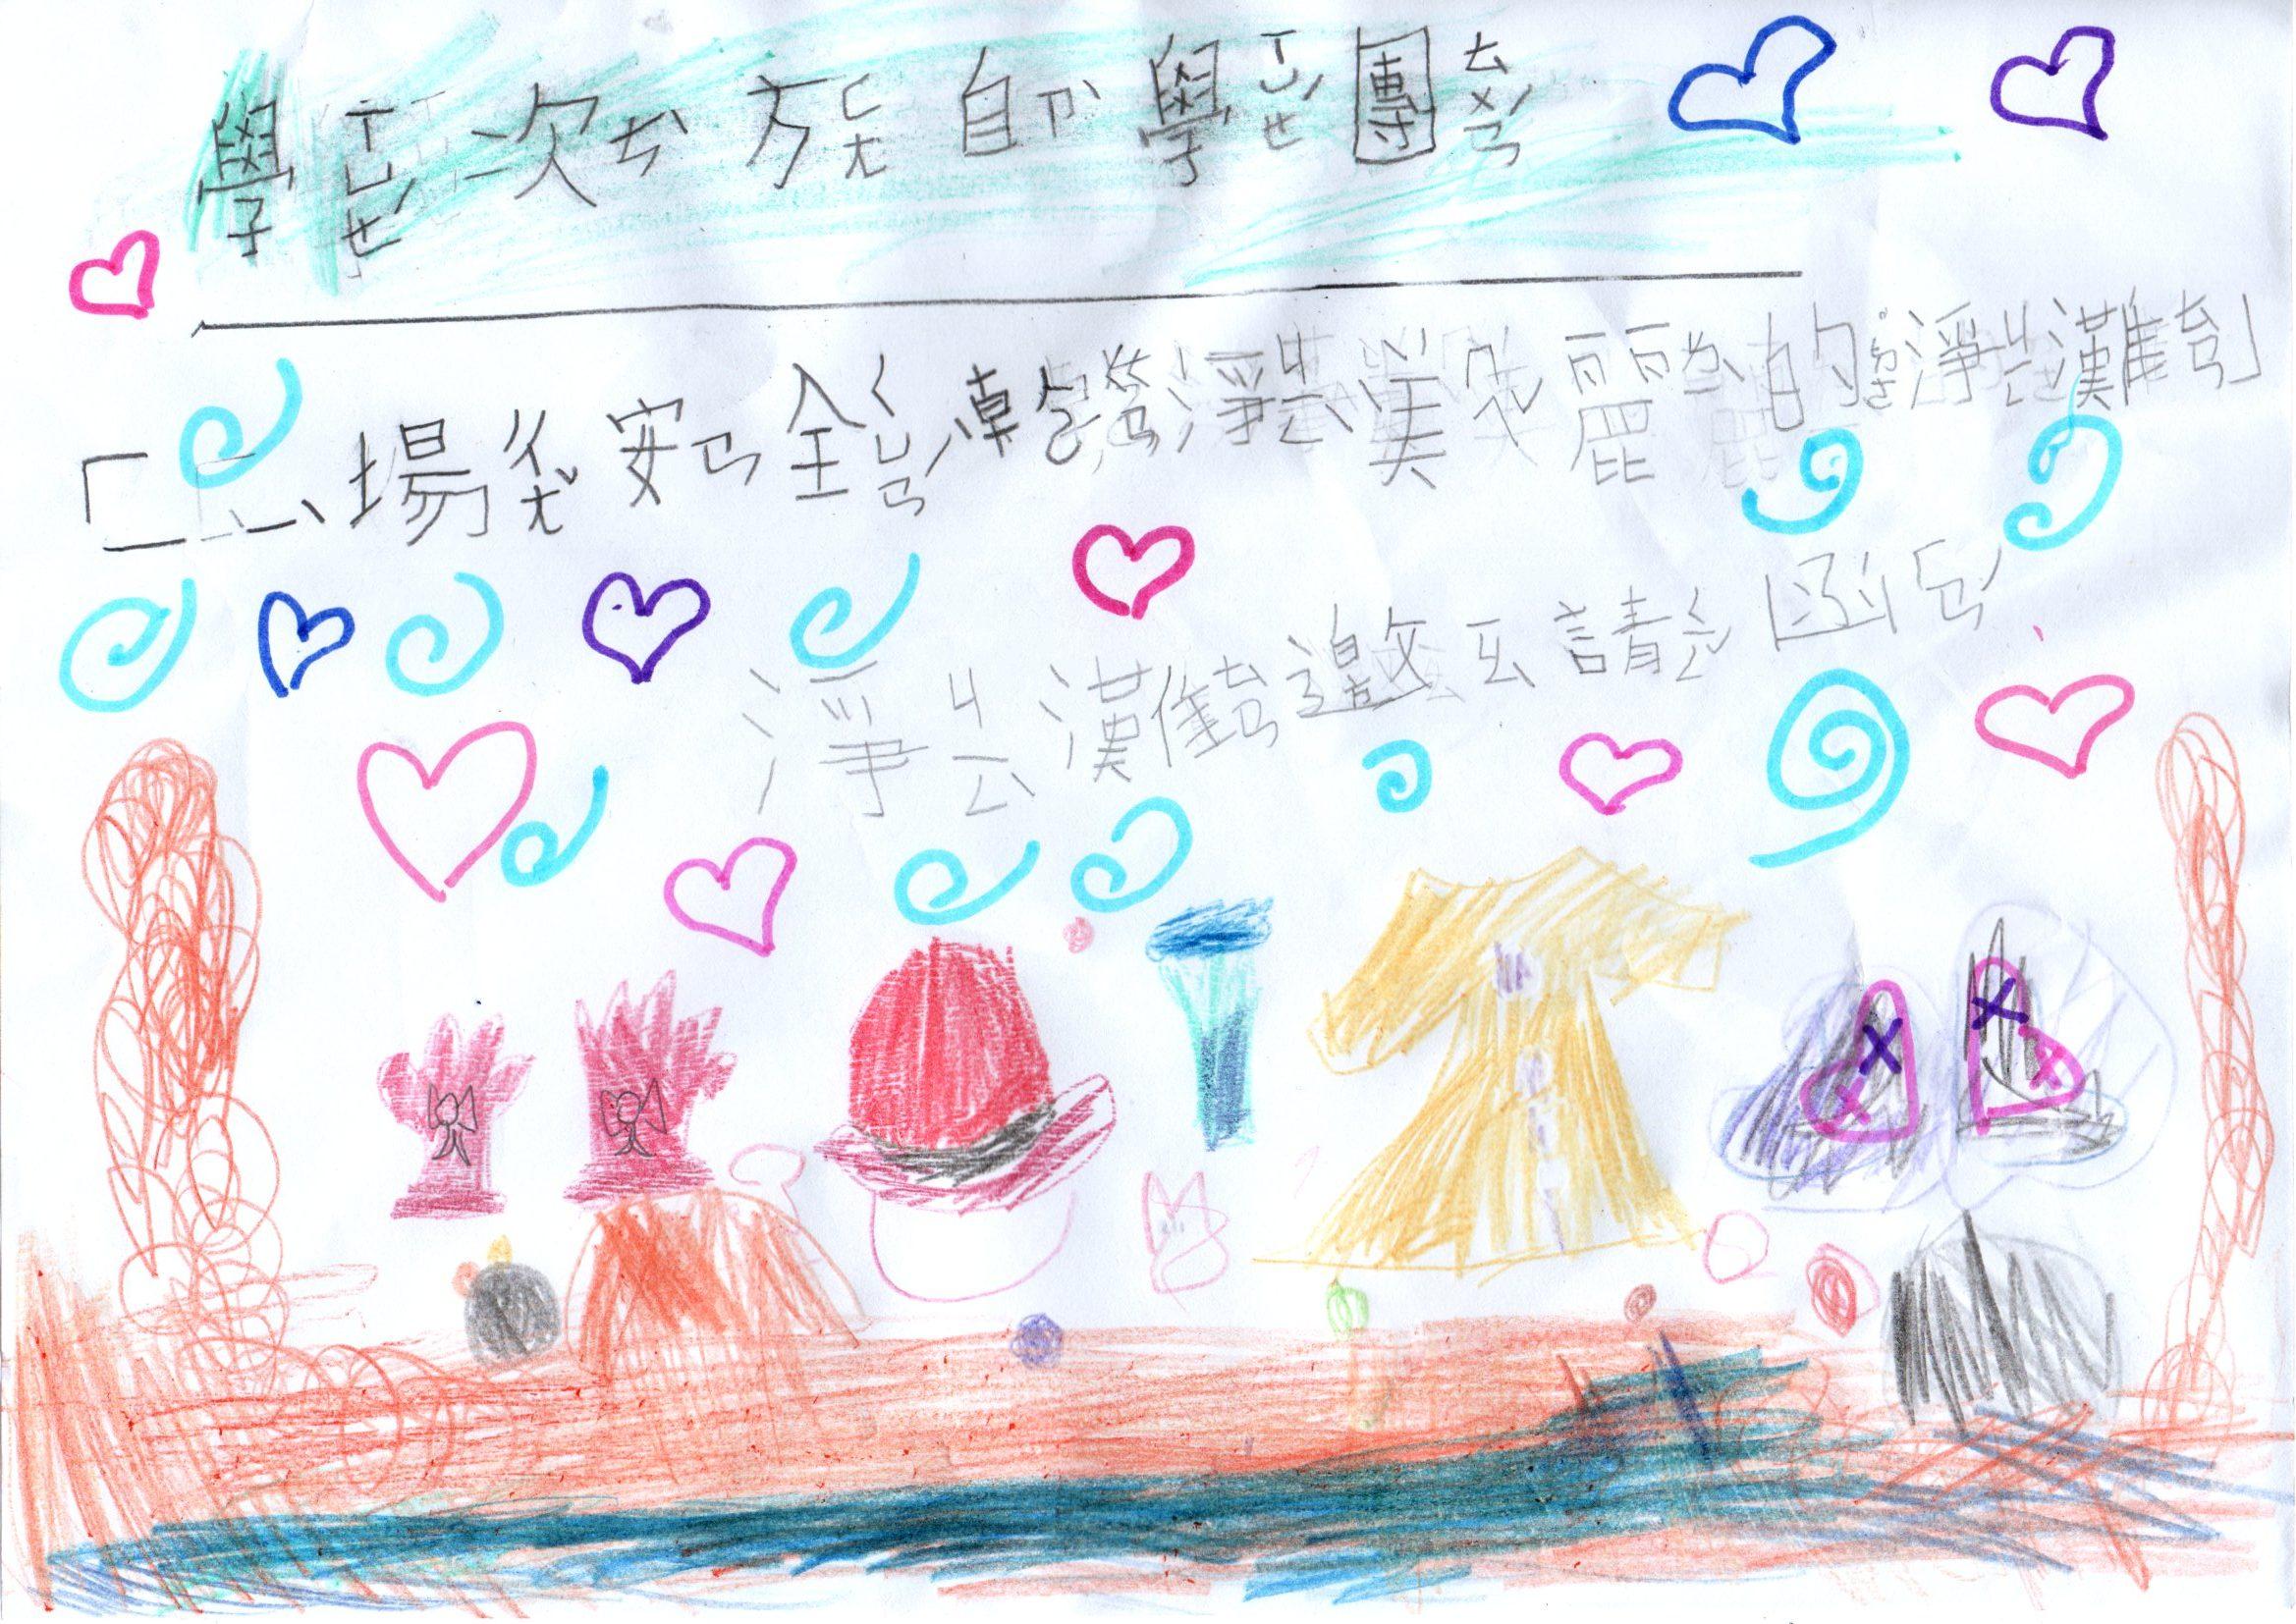 【2020 Winter-W7-1 自學專案(基礎)】小孩的淨灘邀請